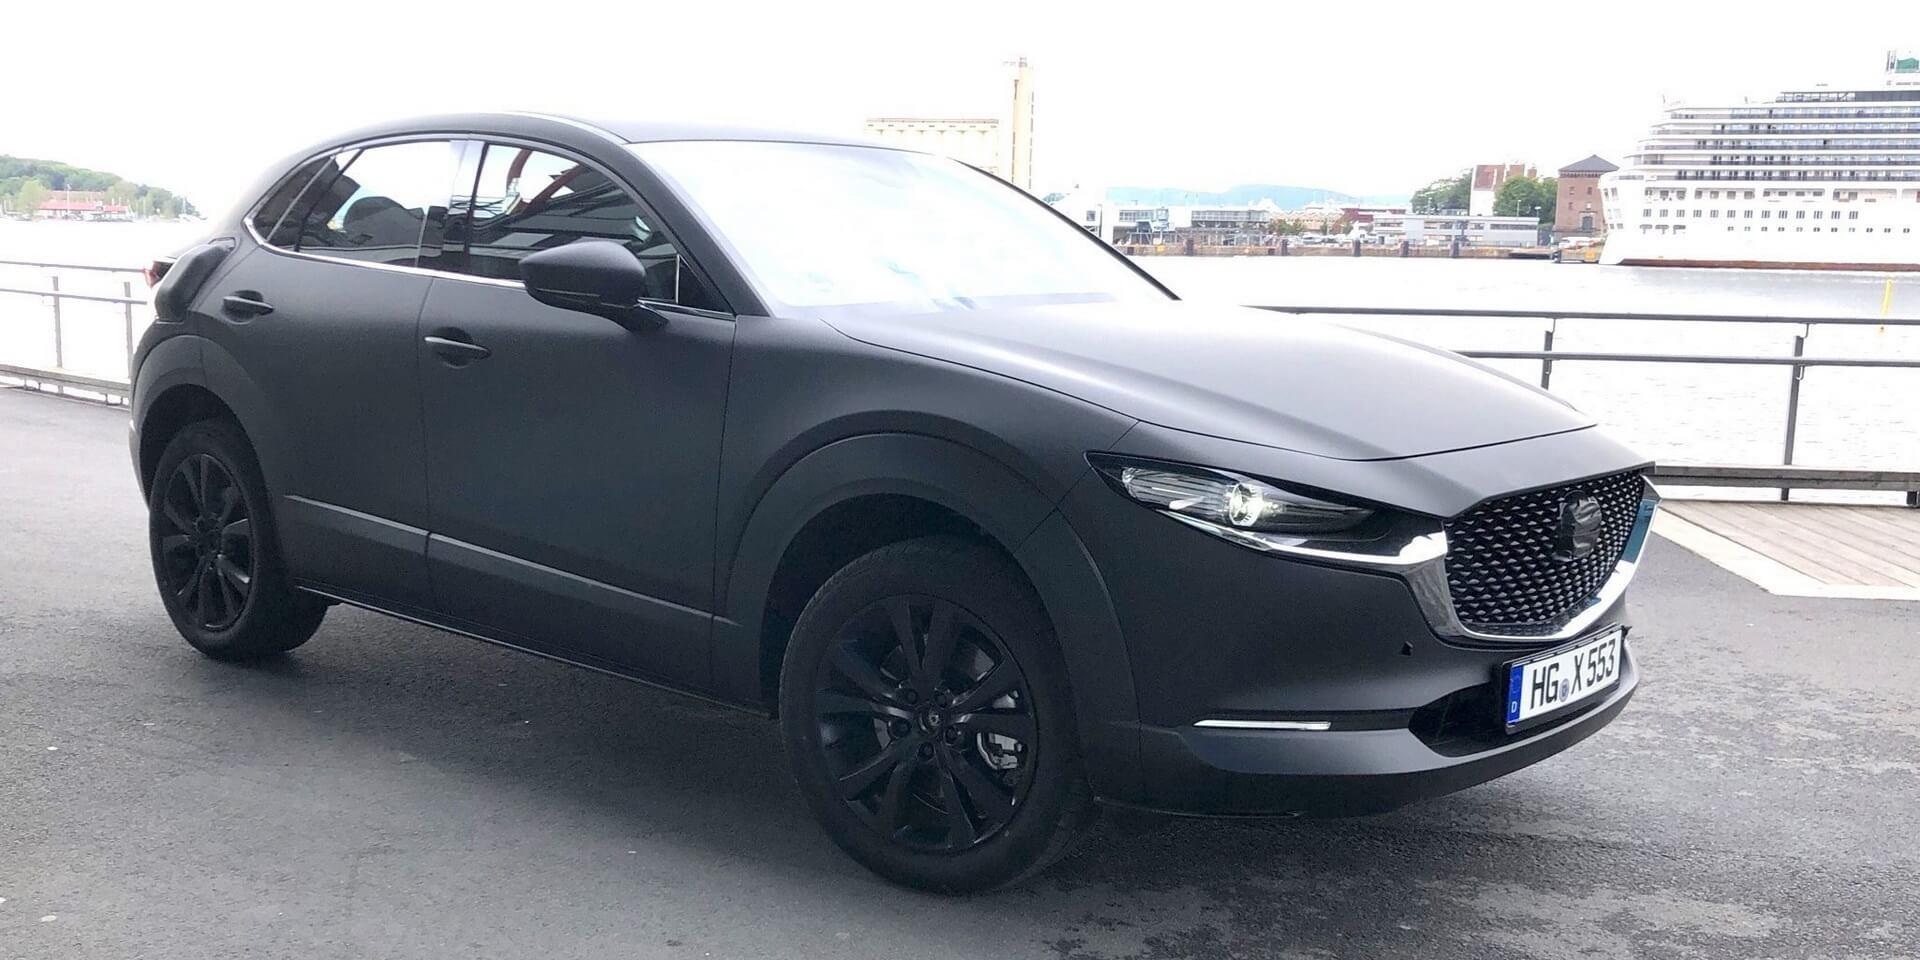 Снимок загадочной Mazda в Норвегии